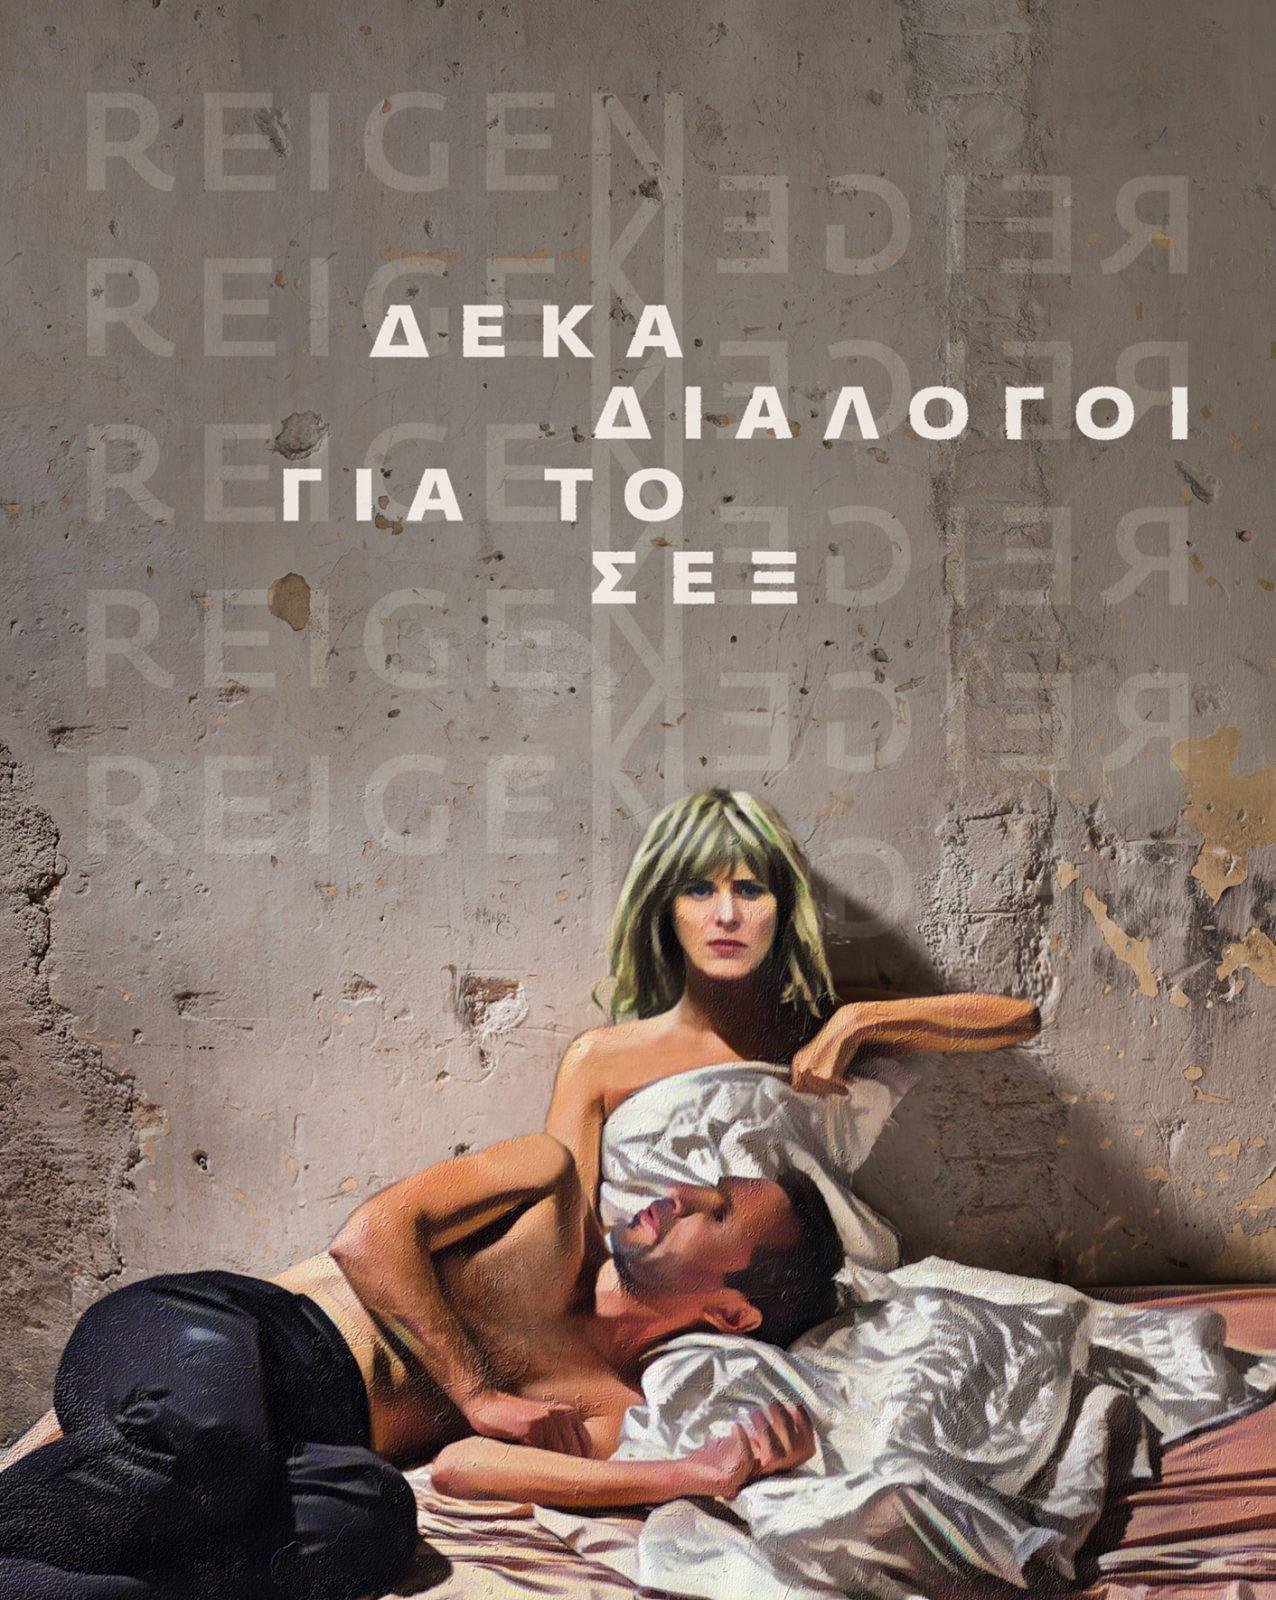 Reigen - Δέκα διάλογοι για το Σεξ